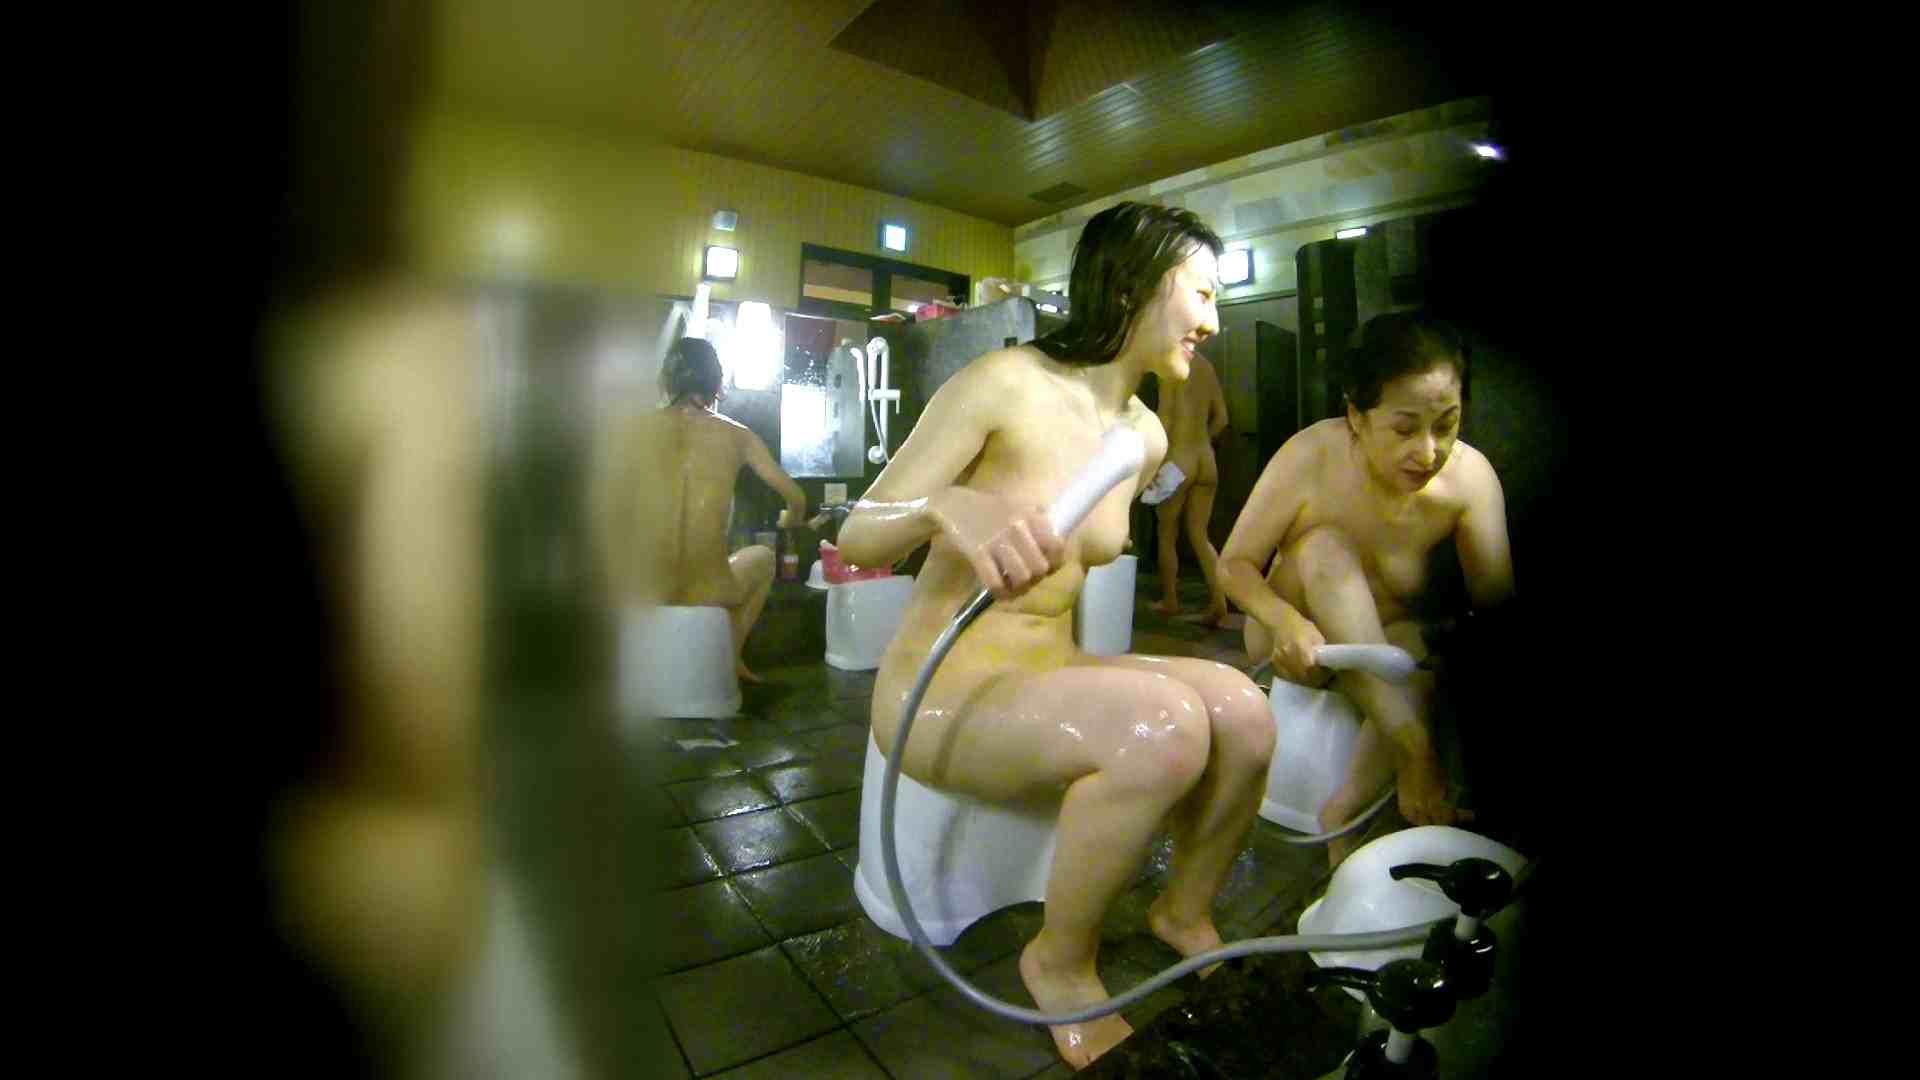 洗い場!右足の位置がいいですね。陰毛もっさり! 潜入  107枚 70